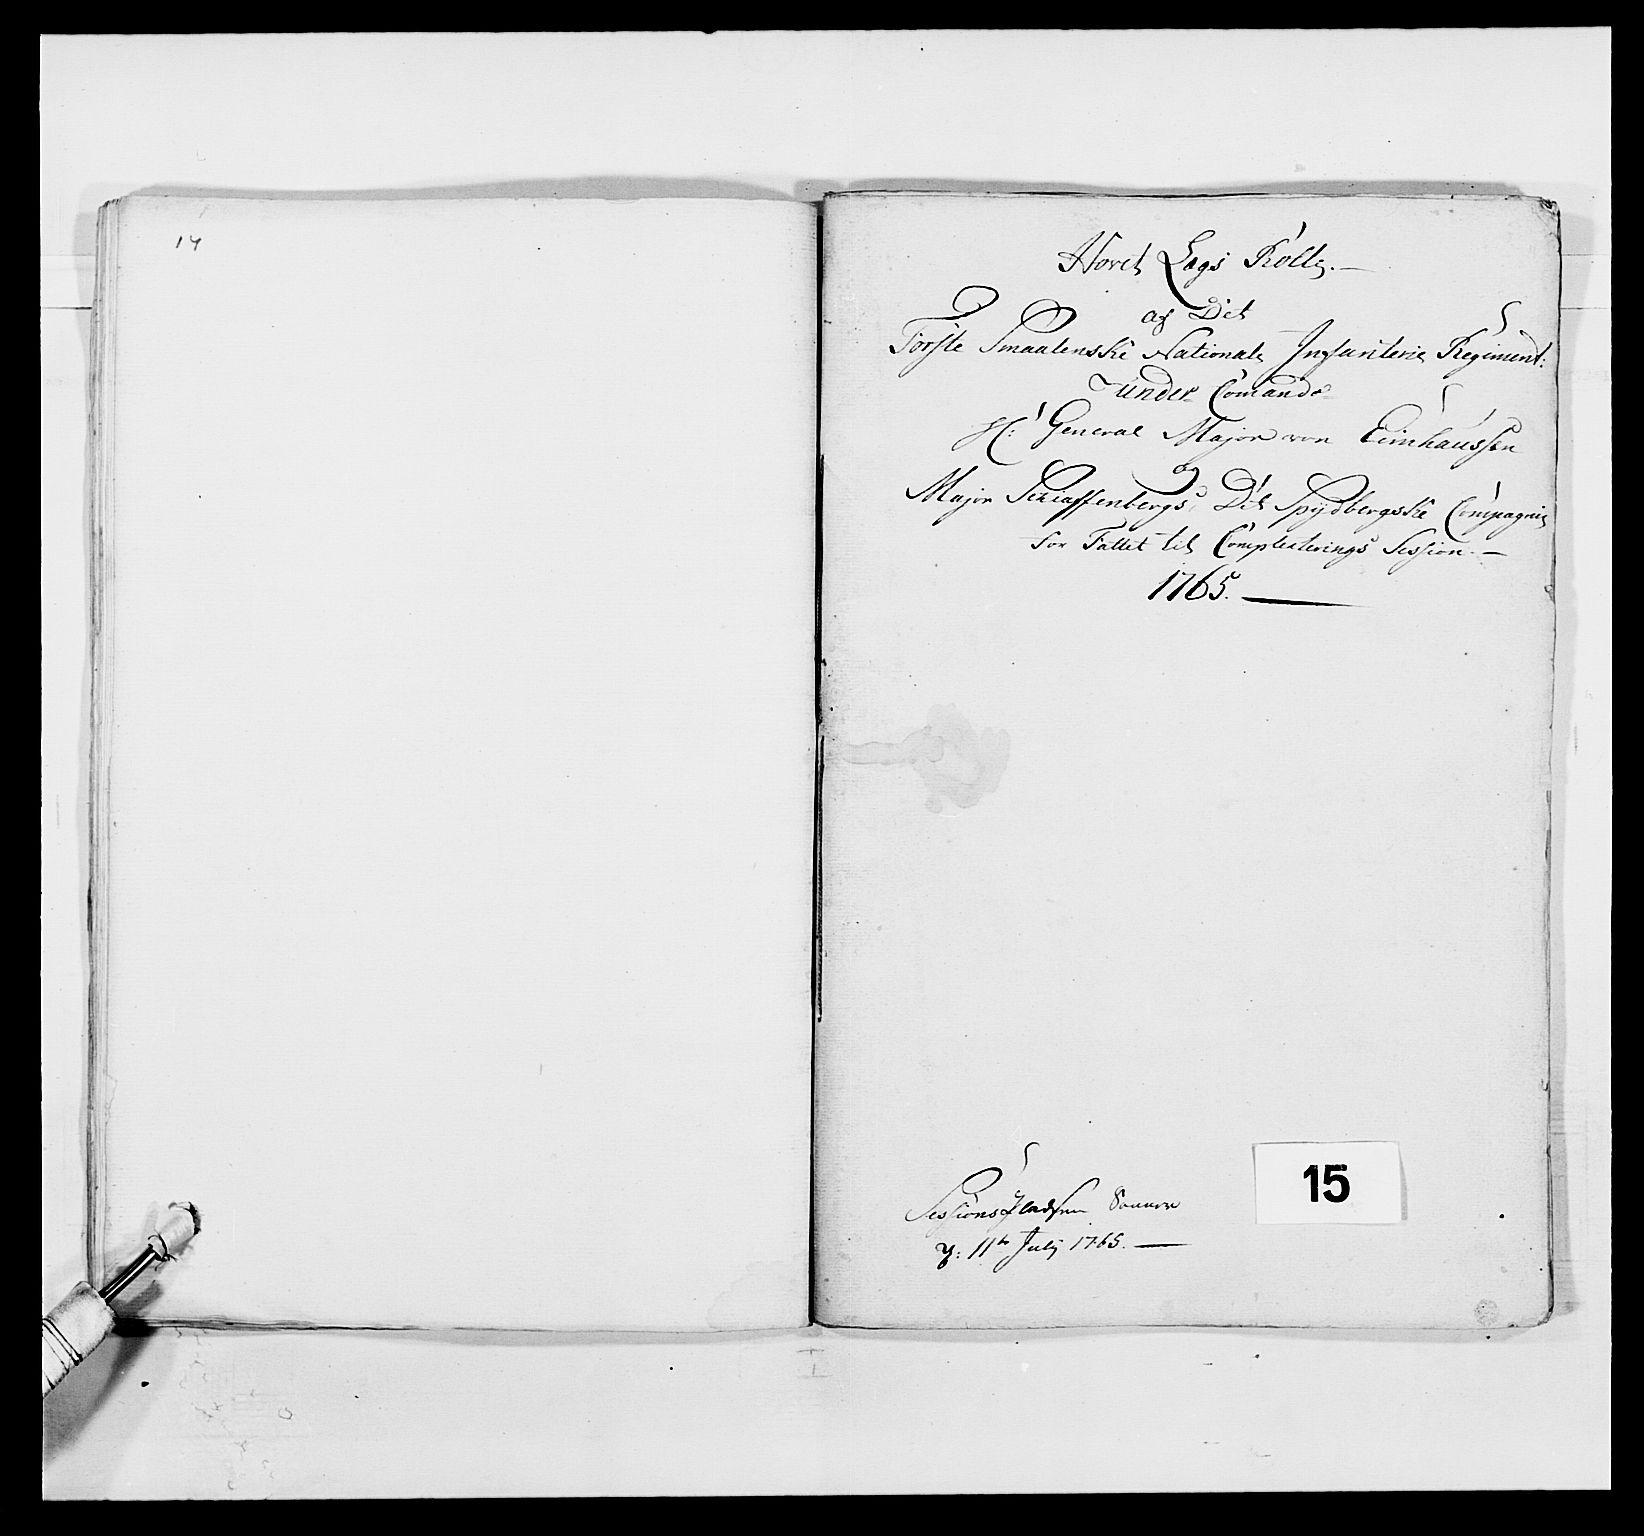 RA, Kommanderende general (KG I) med Det norske krigsdirektorium, E/Ea/L0496: 1. Smålenske regiment, 1765-1767, s. 161